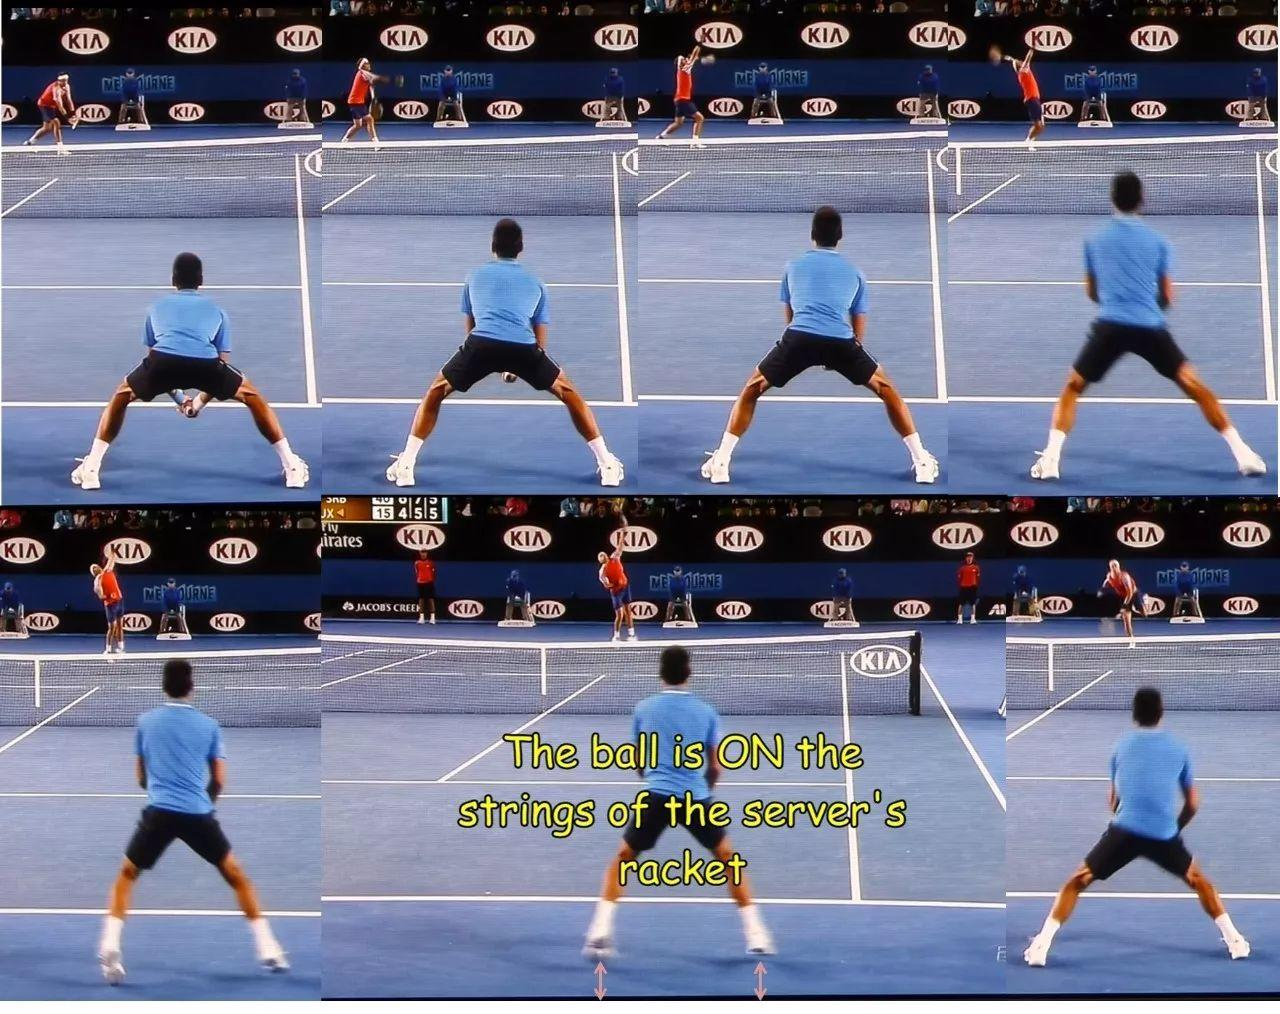 用袜子练习网球发球技术吗?这只是开始......